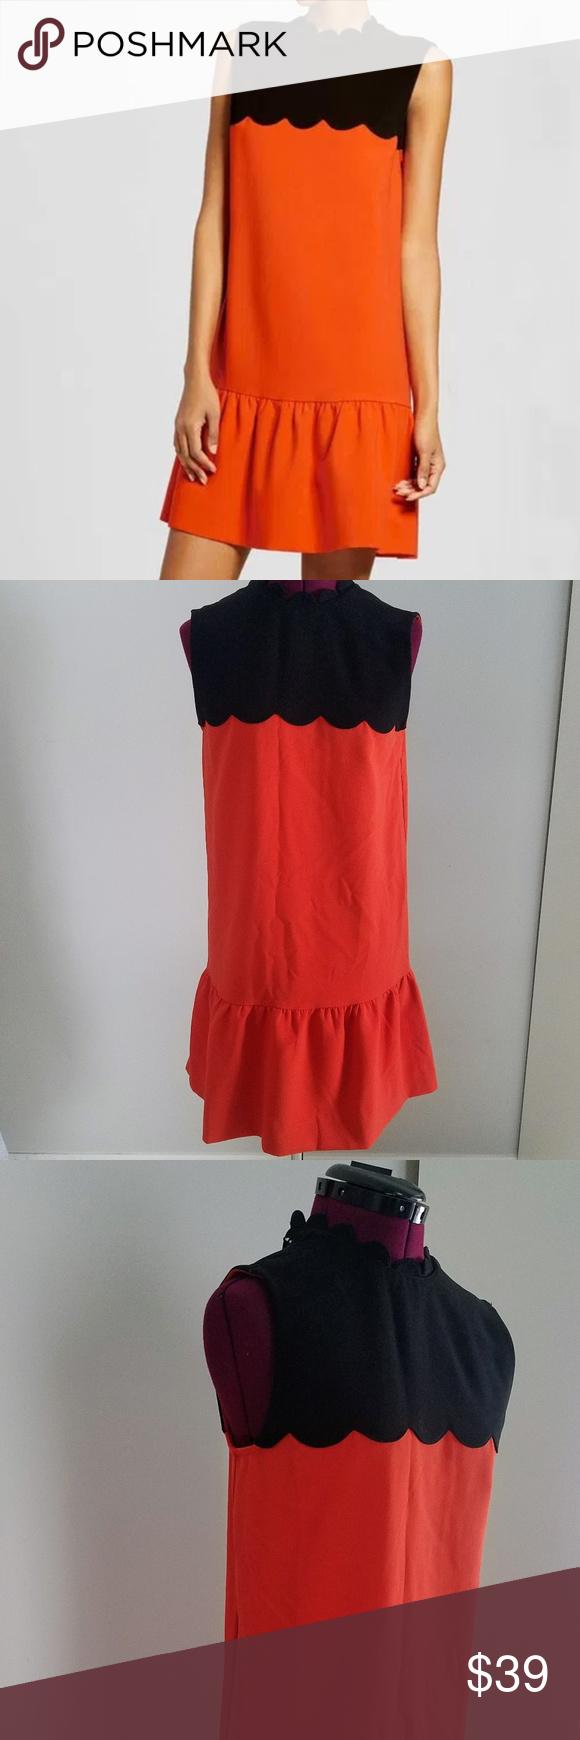 Victoria Beckham For Target Black And Orange Dress Black And Orange Dress Clothes Design Victoria Beckham Target [ 1740 x 580 Pixel ]